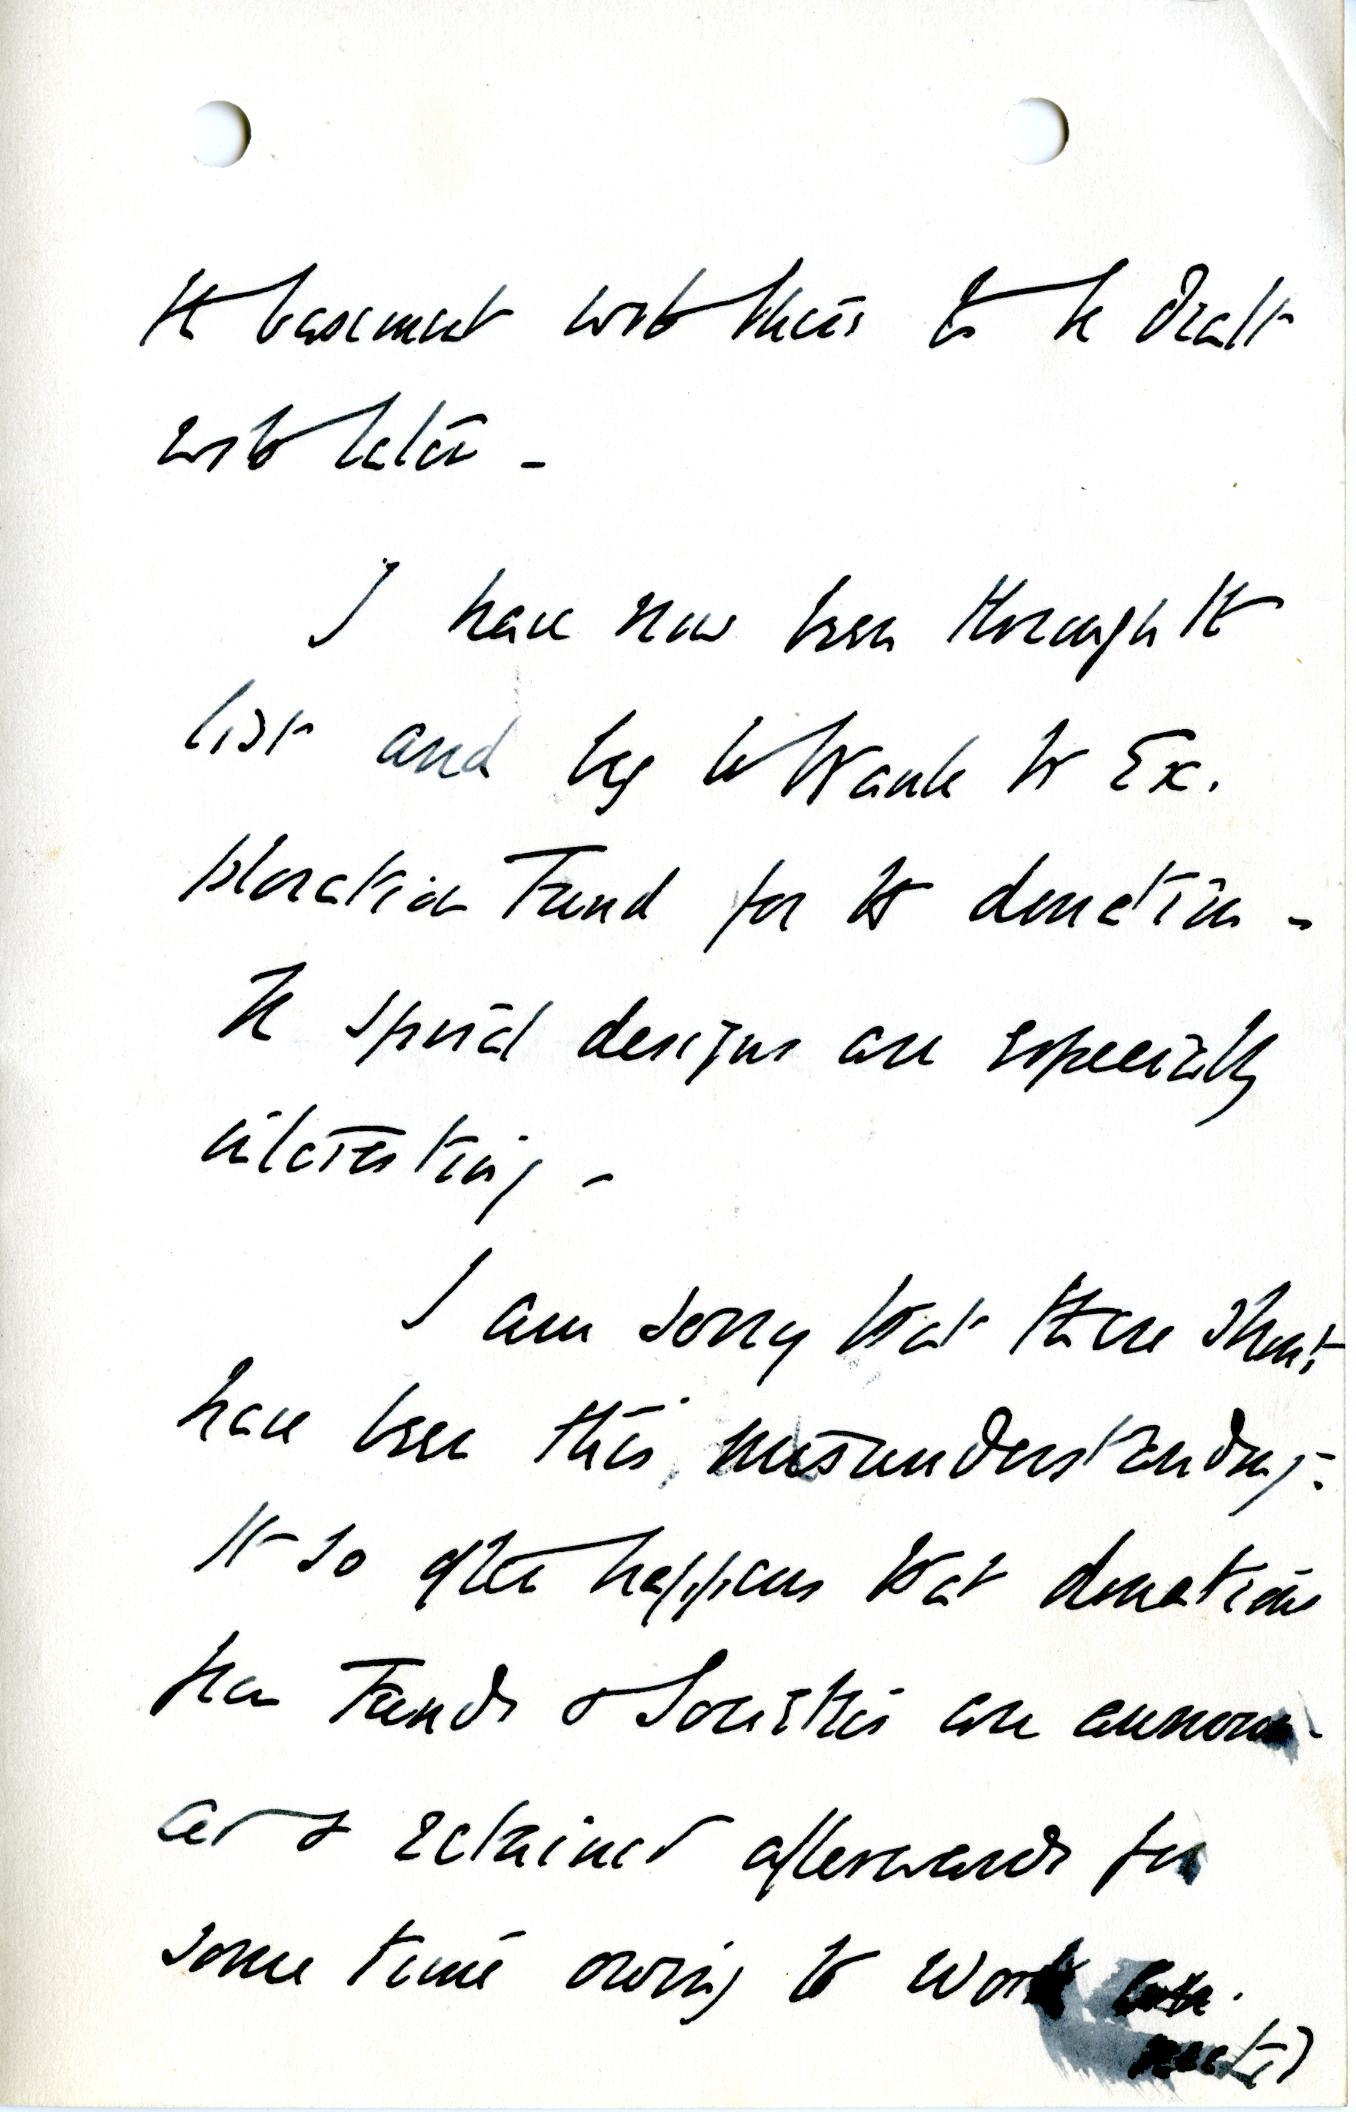 1906-07 Deir el-Bahri, Oxyrhynchus, Ihnasya DIST.28.48b